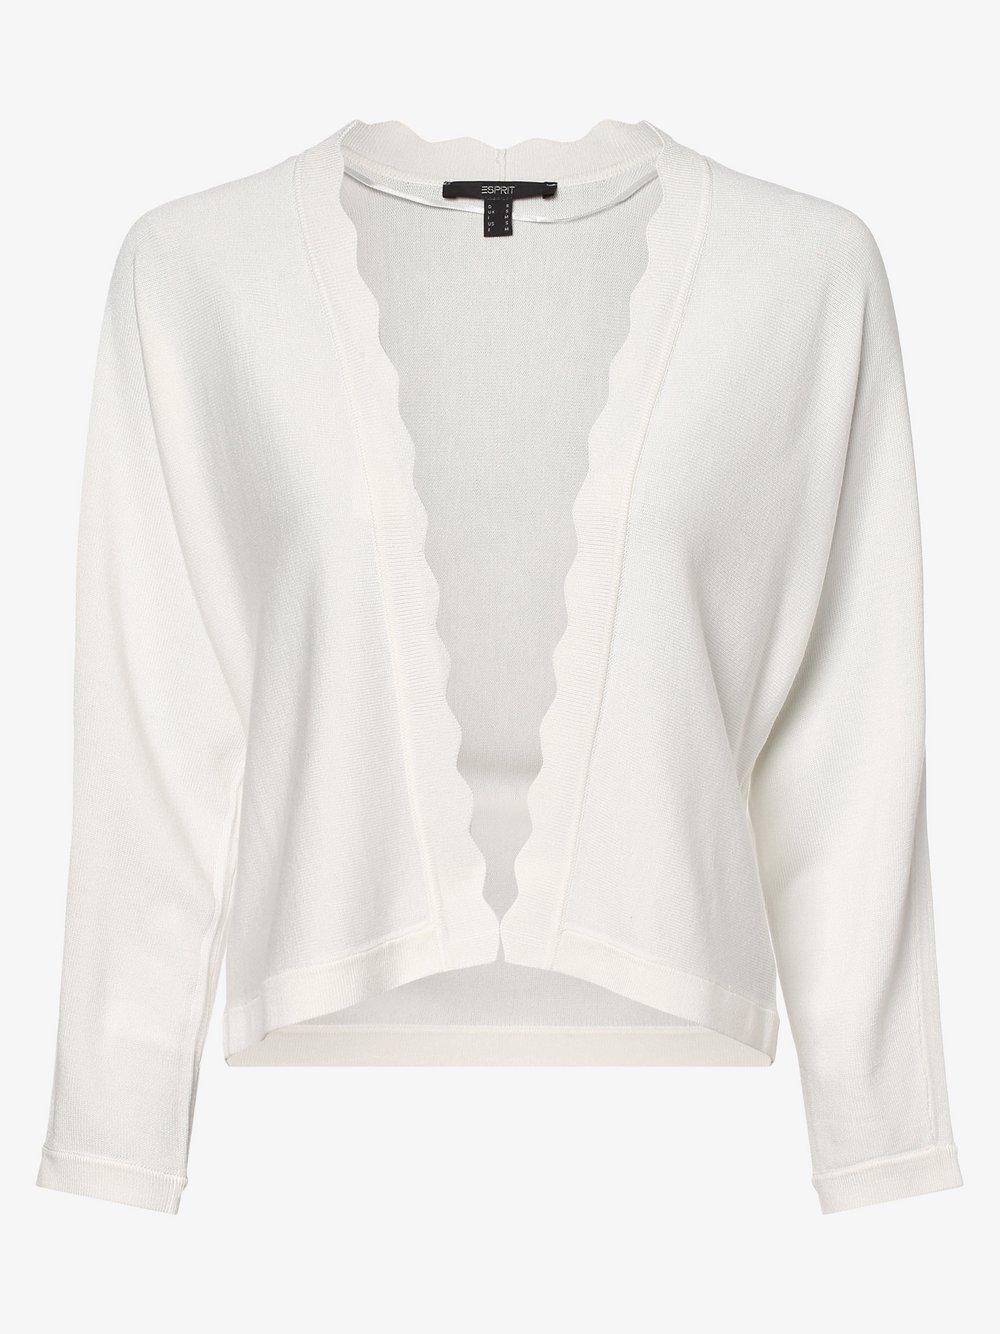 Esprit Collection – Dzianinowe wdzianko damskie, beżowy Van Graaf 475294-0002-09940